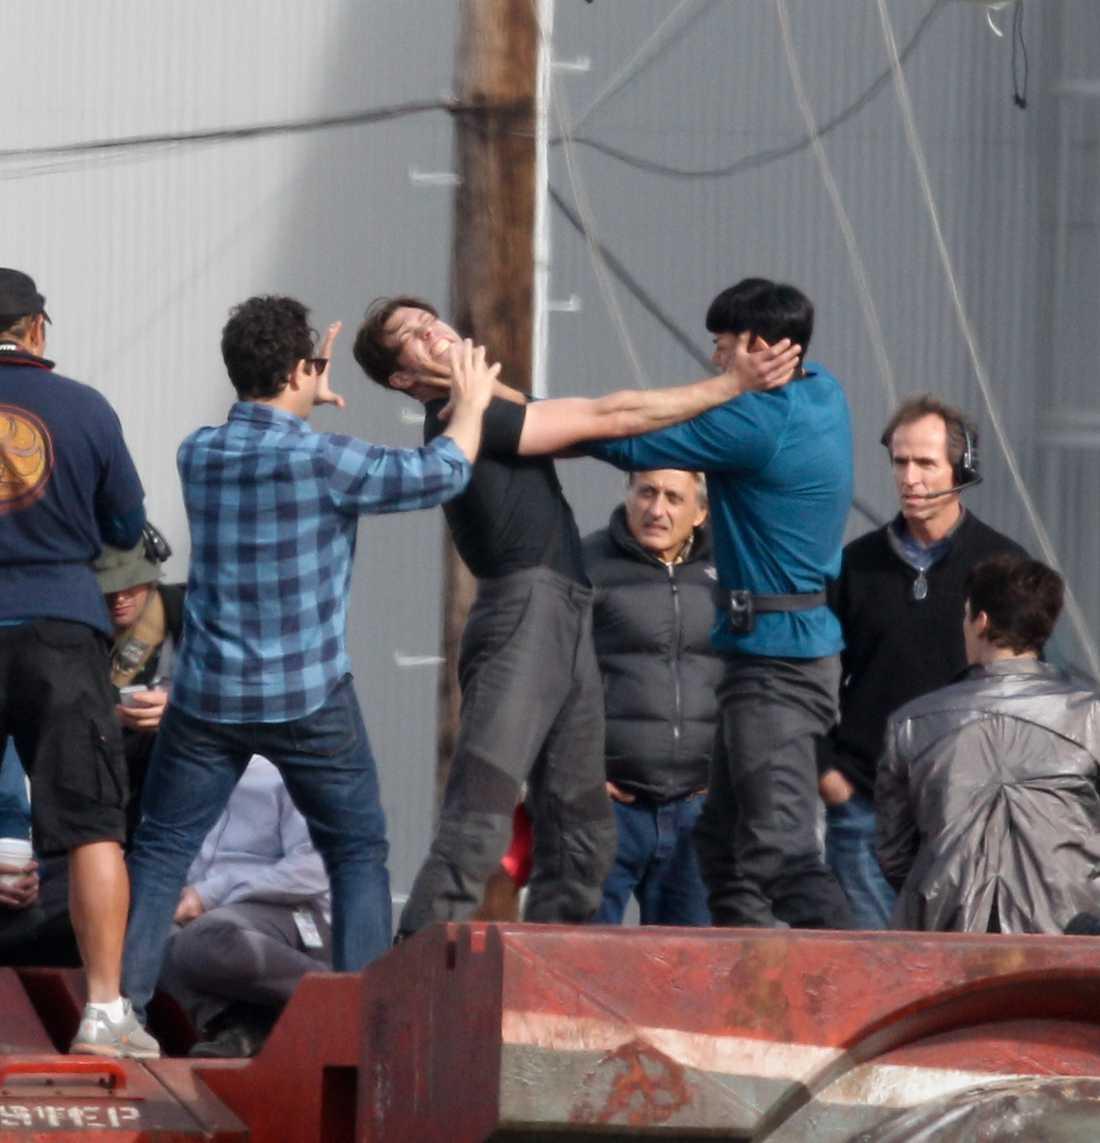 Här slåss världens snyggaste man med Zachary Quinto som spelar Spock i en scen ut nya Star Trek-filmen. Men vem är han?